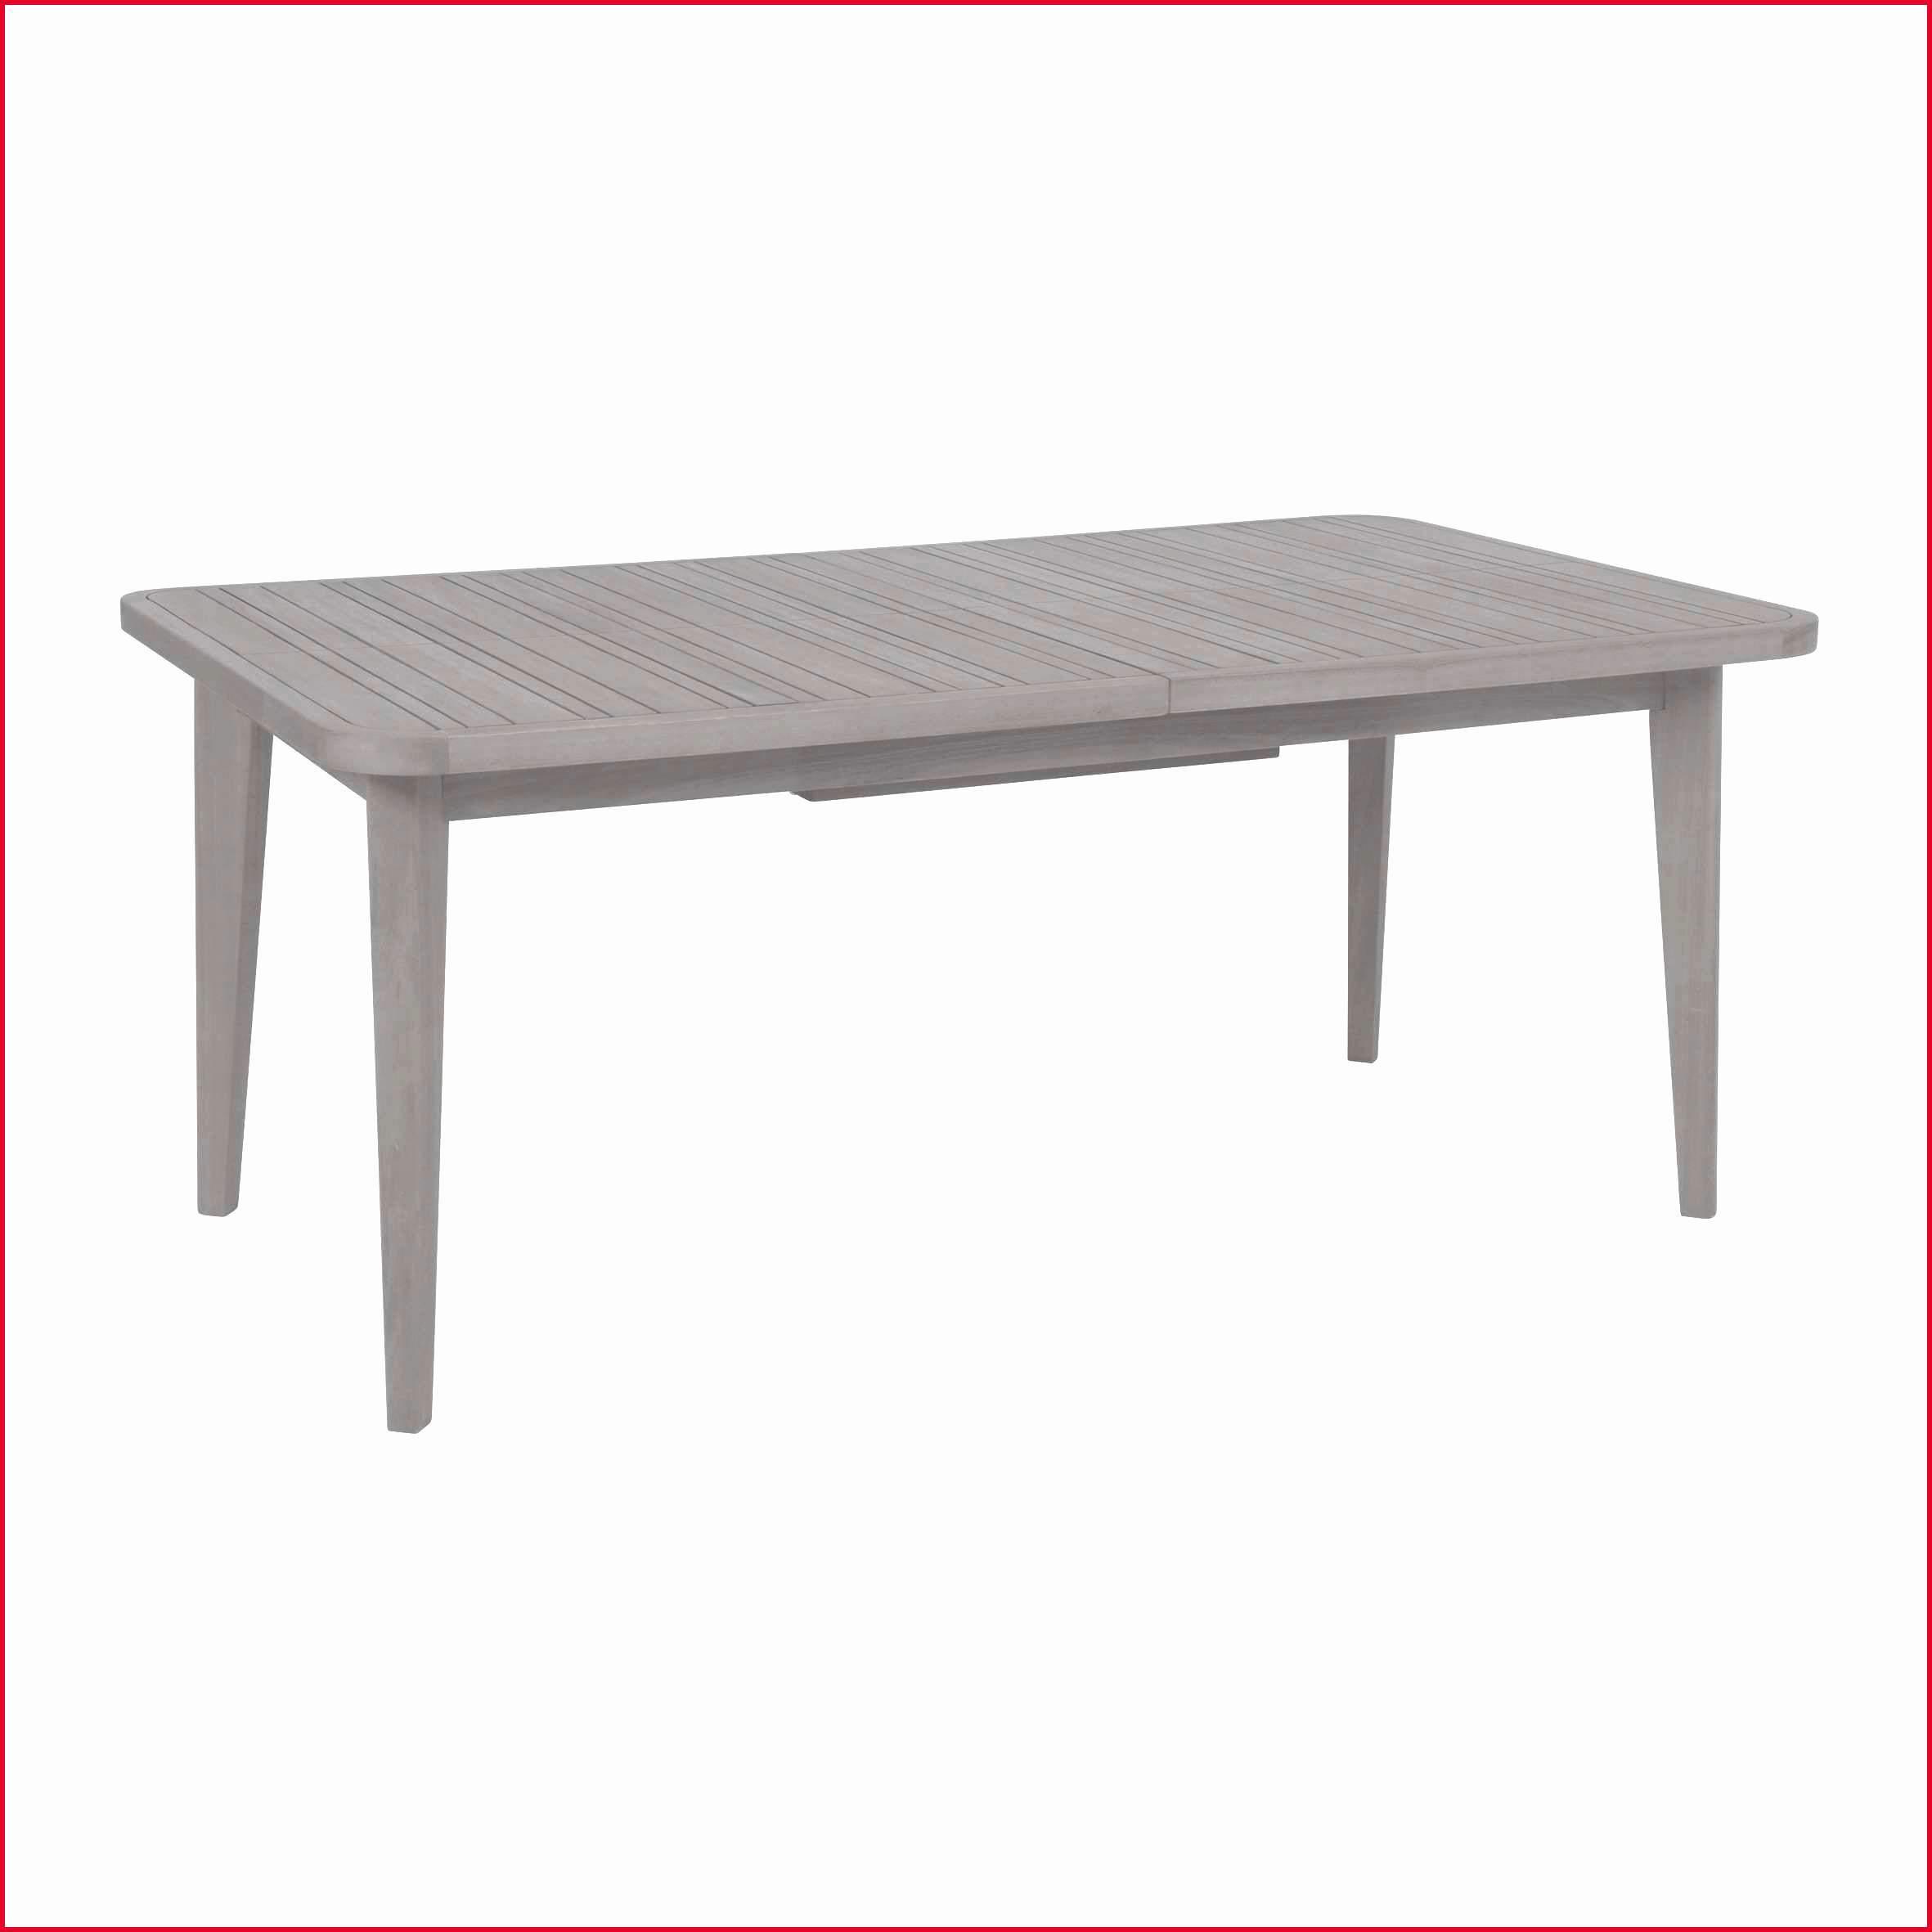 Full Size of Ikea Wohnzimmer Tisch Neu Esstisch Einzigartig Elegant Miniküche Küche Kosten Kaufen Betten Bei Modulküche 160x200 Sofa Mit Schlaffunktion Wohnzimmer Gartentisch Ikea